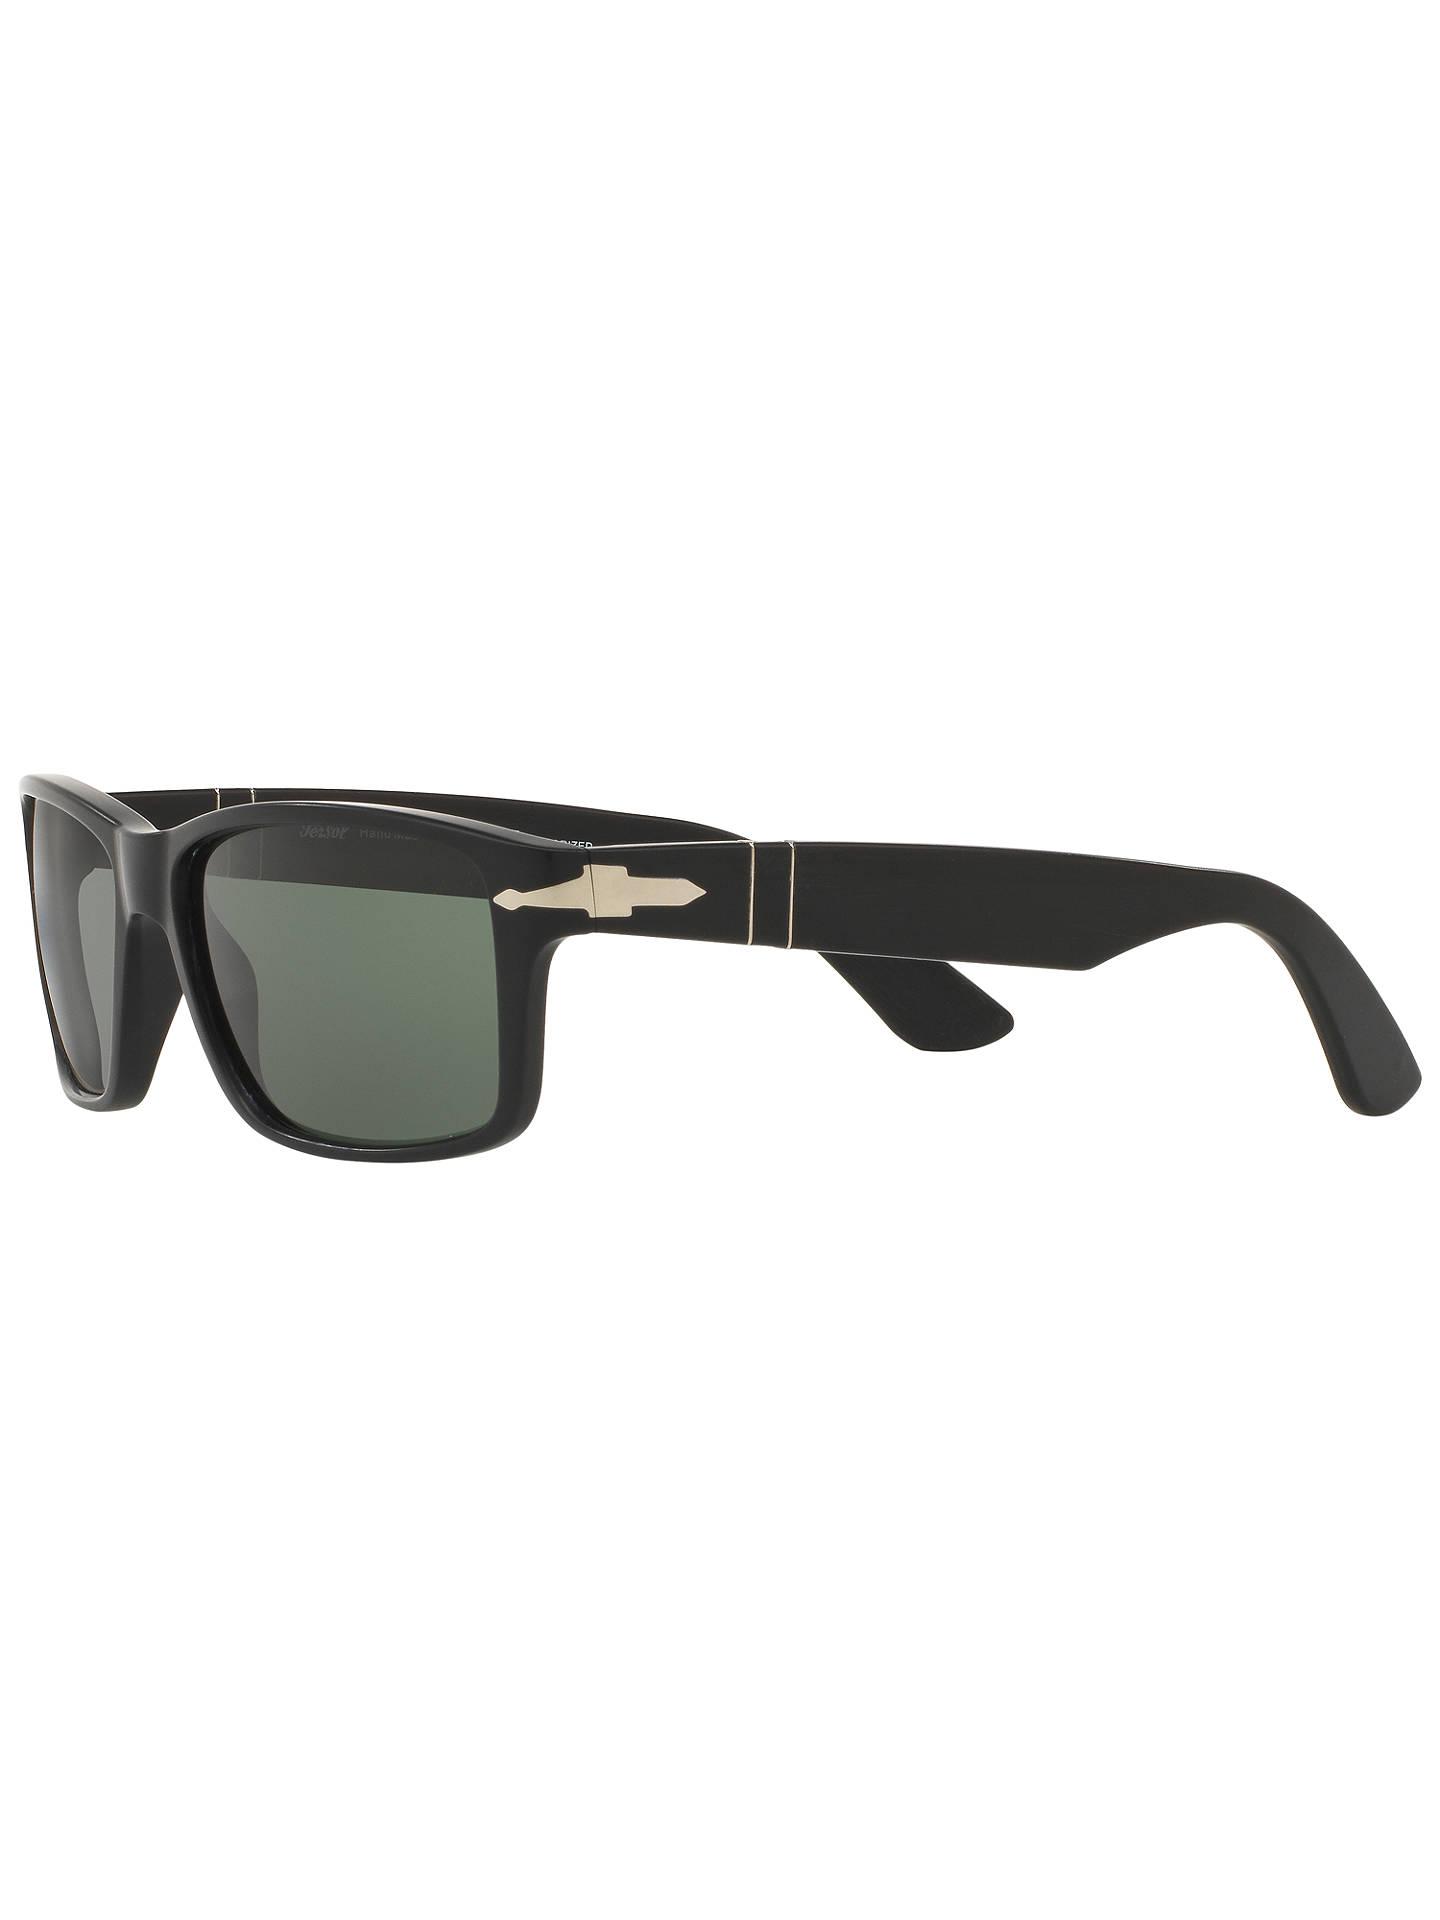 6c2253ac4185 ... Buy Persol PO3154S Polarised Rectangular Sunglasses, Black Online at  johnlewis.com ...